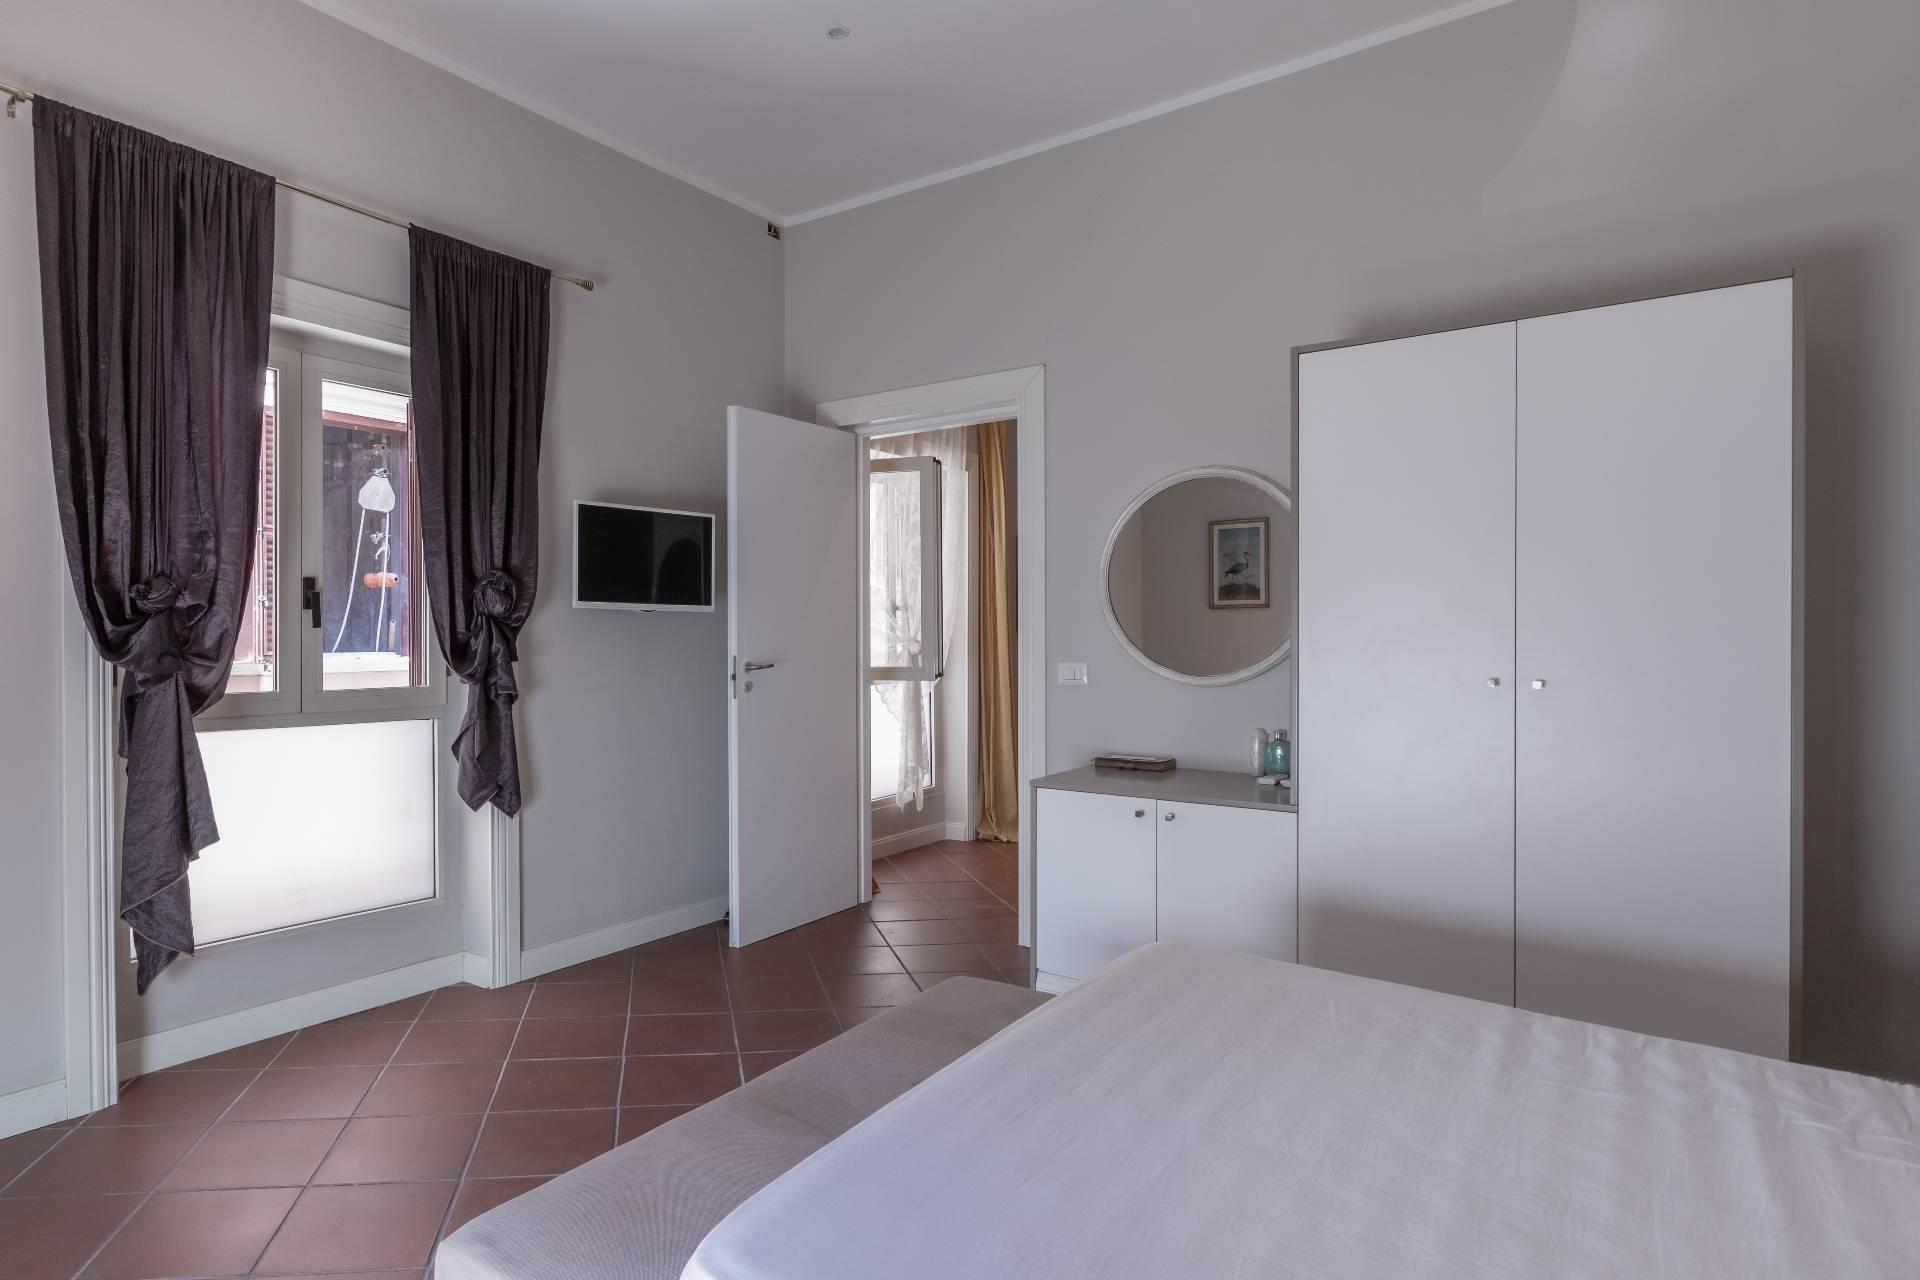 Casa indipendente in Vendita a Roma: 3 locali, 66 mq - Foto 7